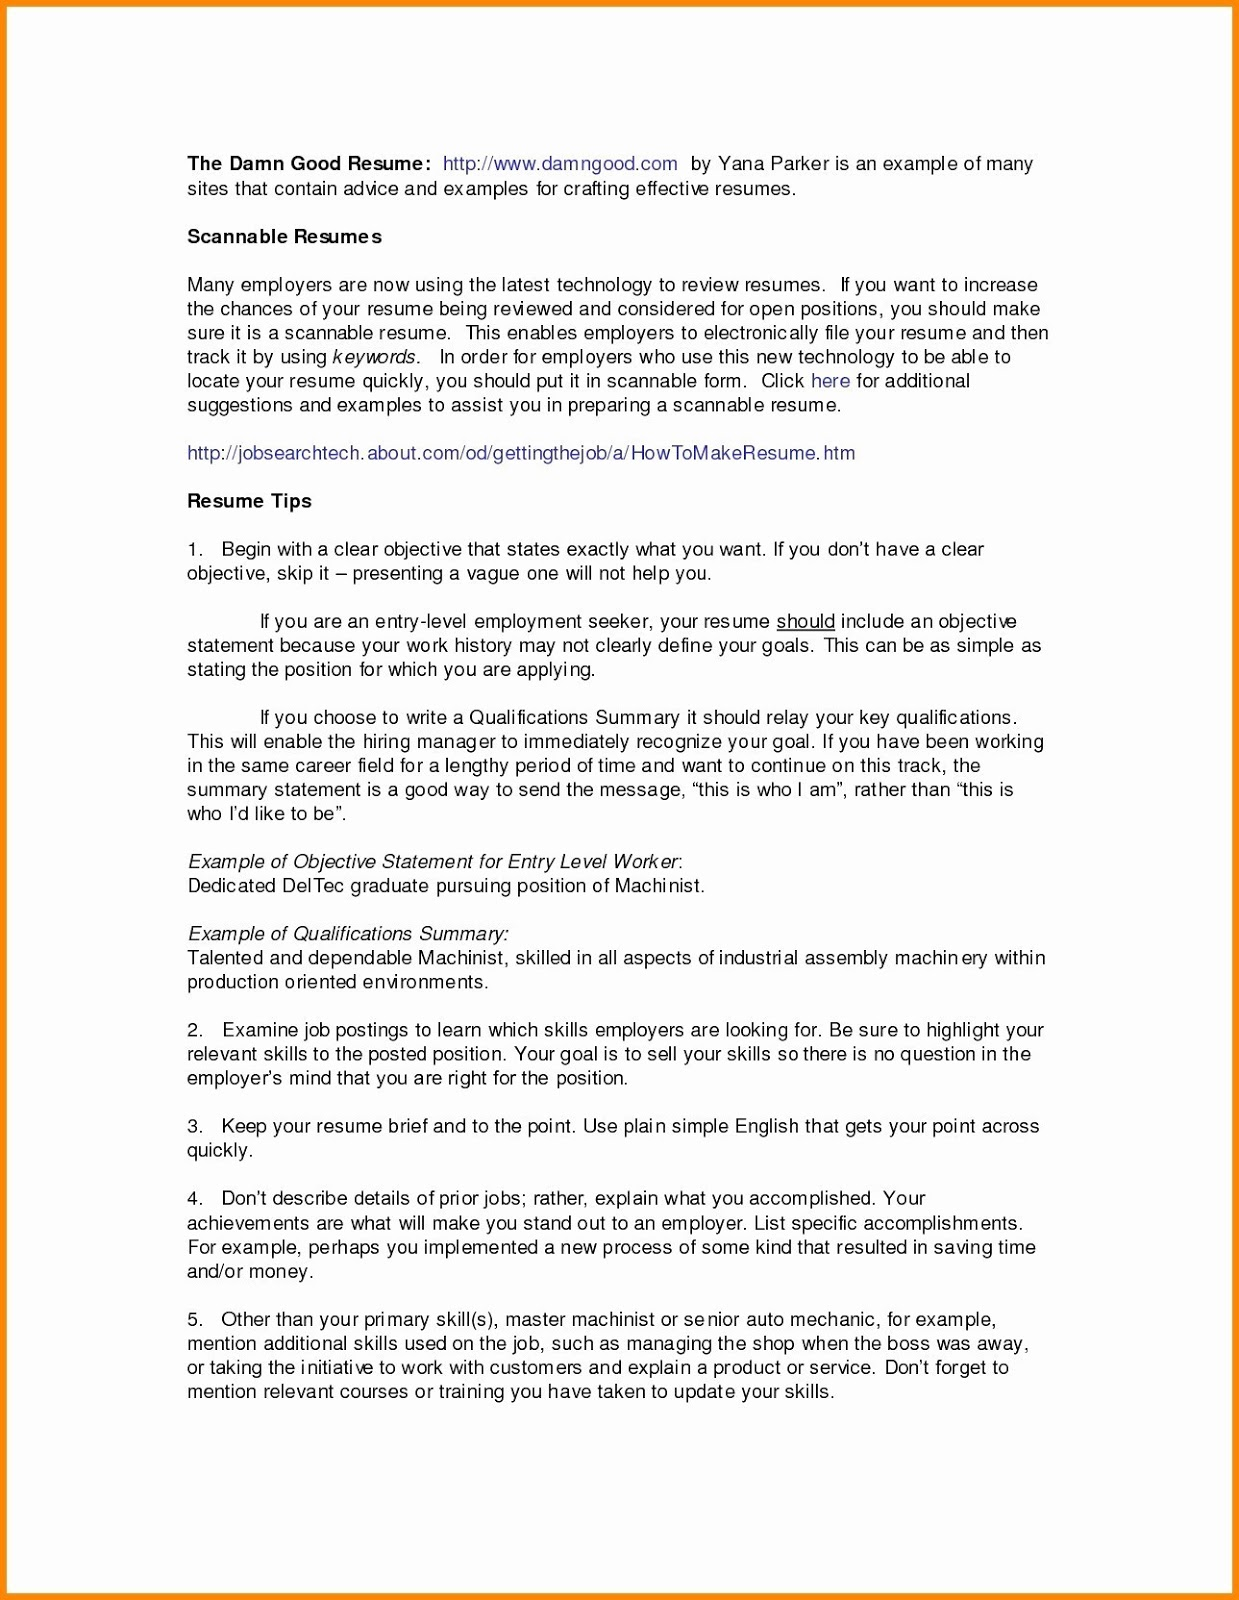 social media resume template, social media cv template, social media manager resume template,social media manager cv template, social media cv template free,